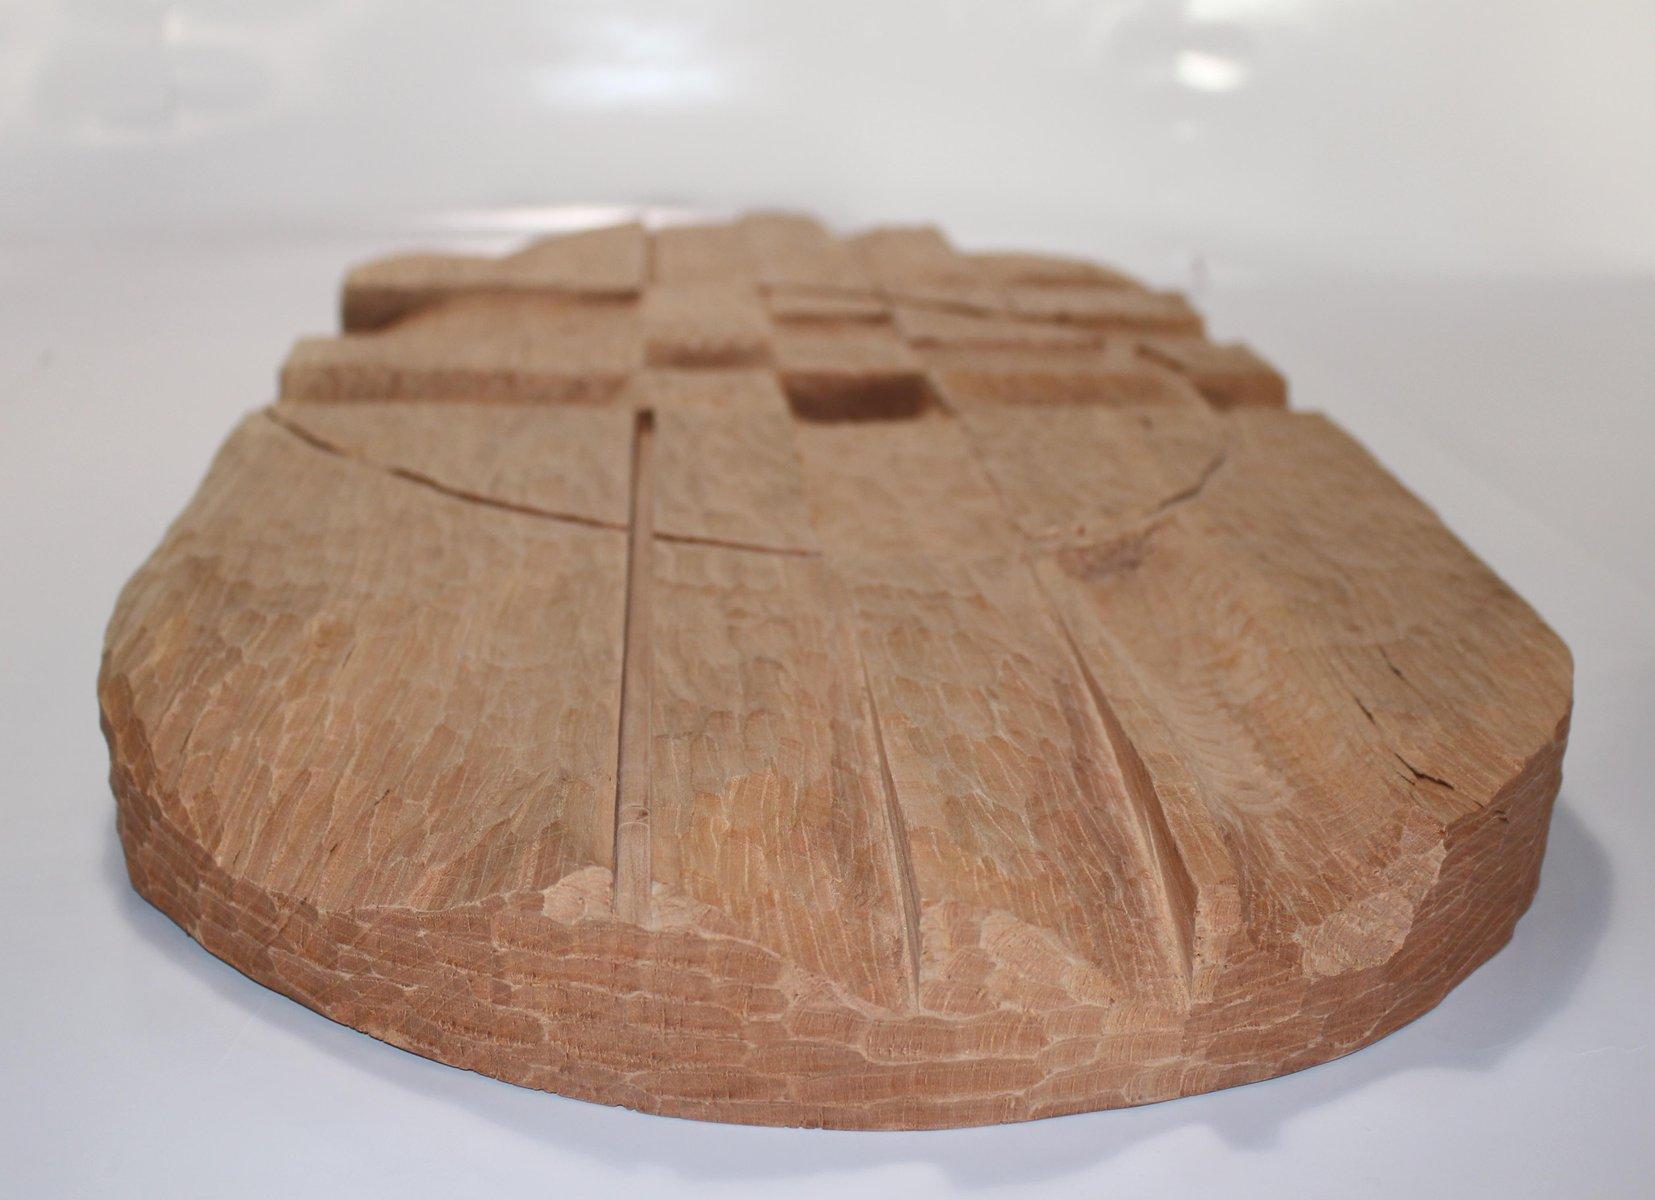 futura object by pietro meccani for meccani arredamenti